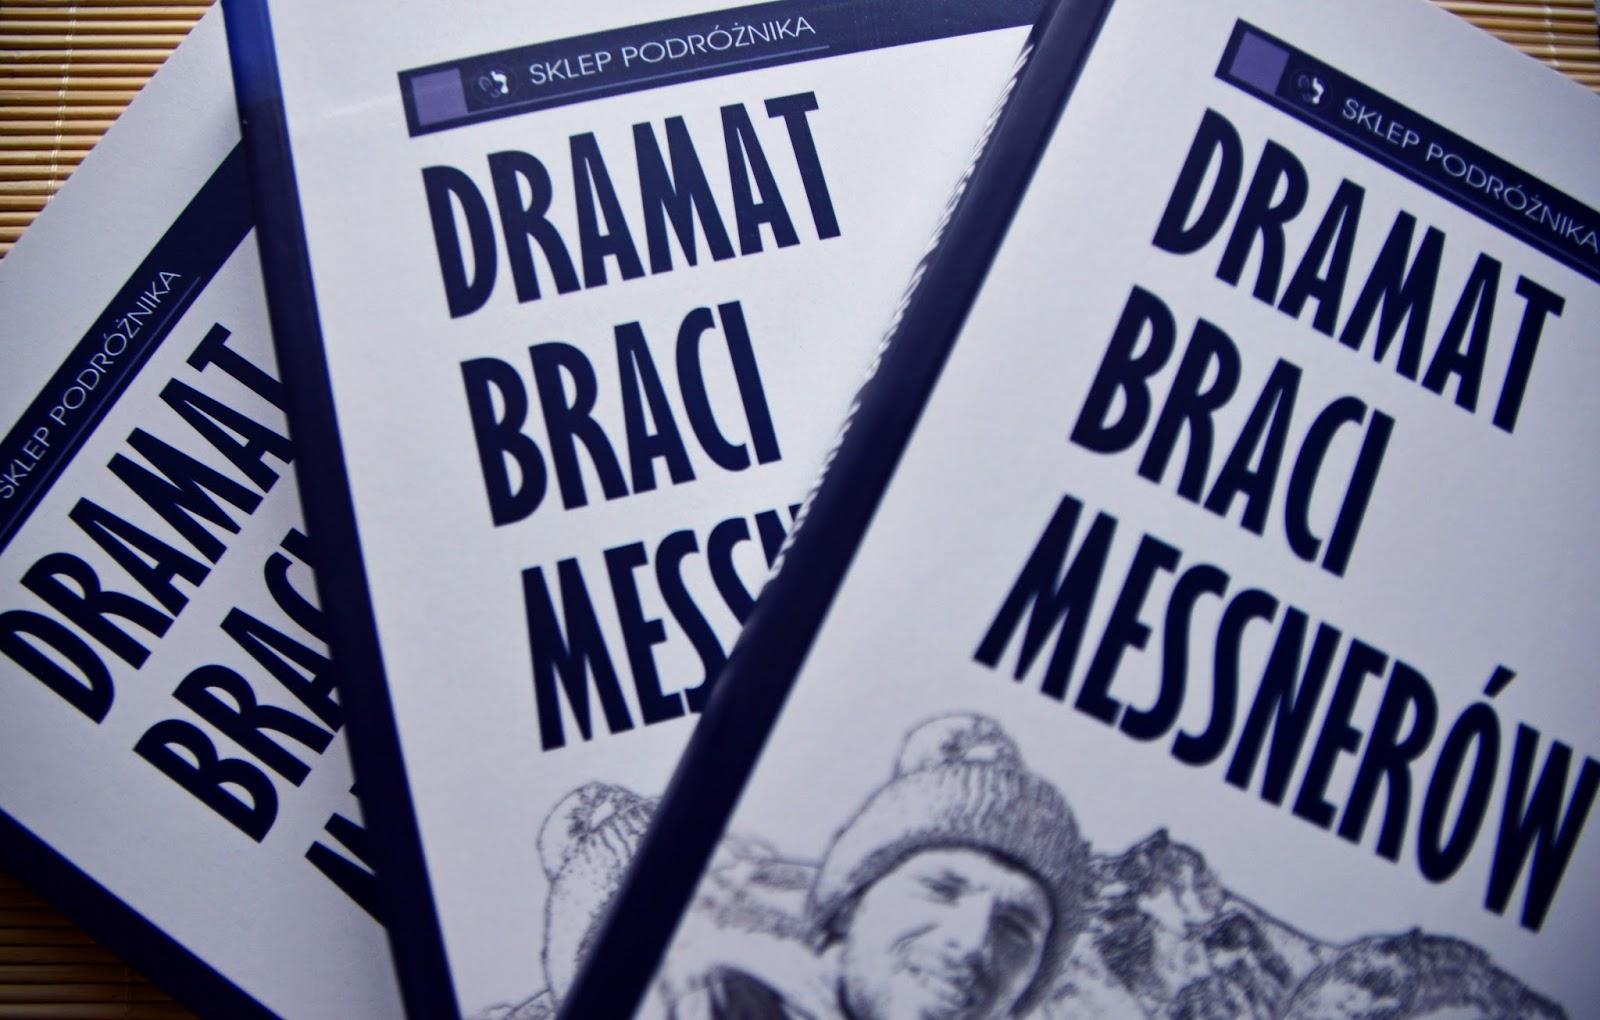 Dramat braci Messnerów Recenzja Konkurs